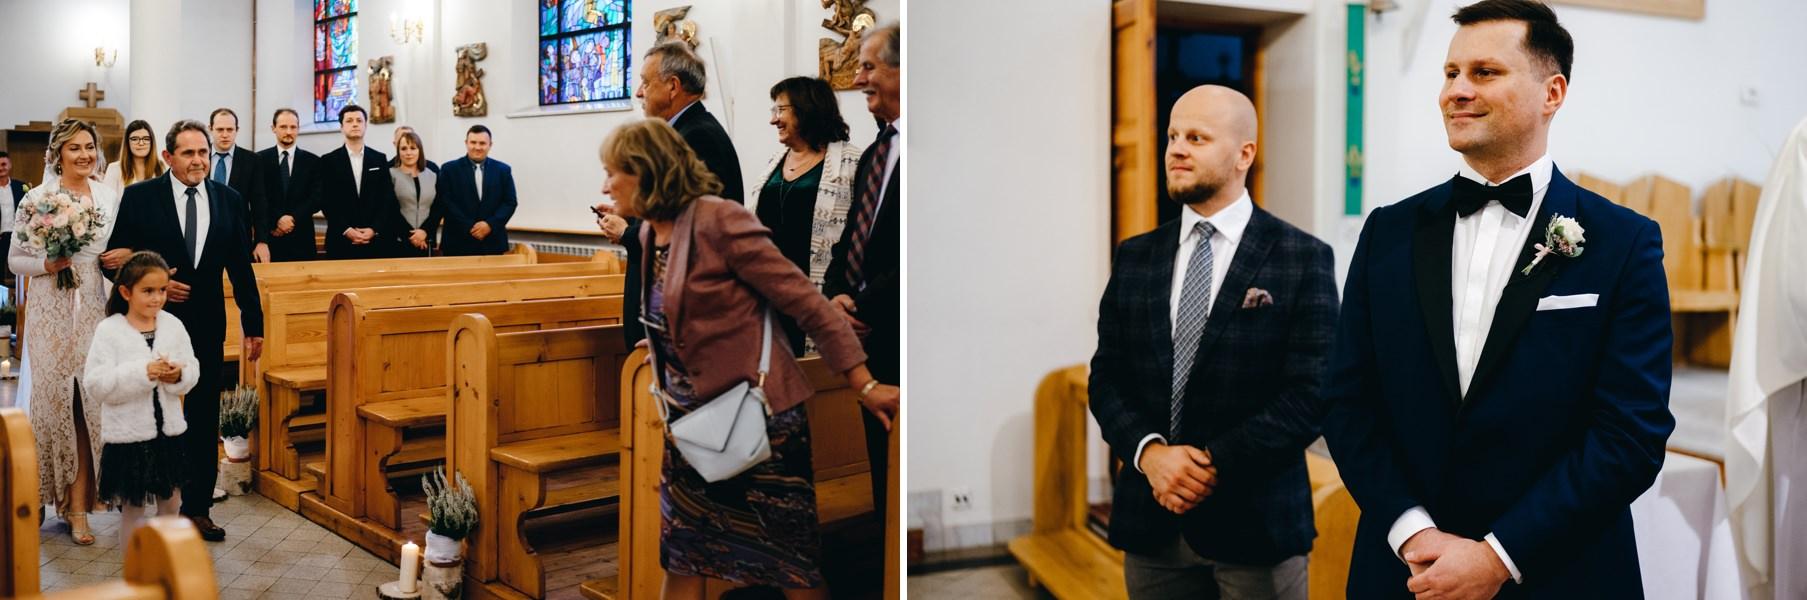 panna młoda wprowadzana przez tatę do ołtarza, fotograf Dobczyce